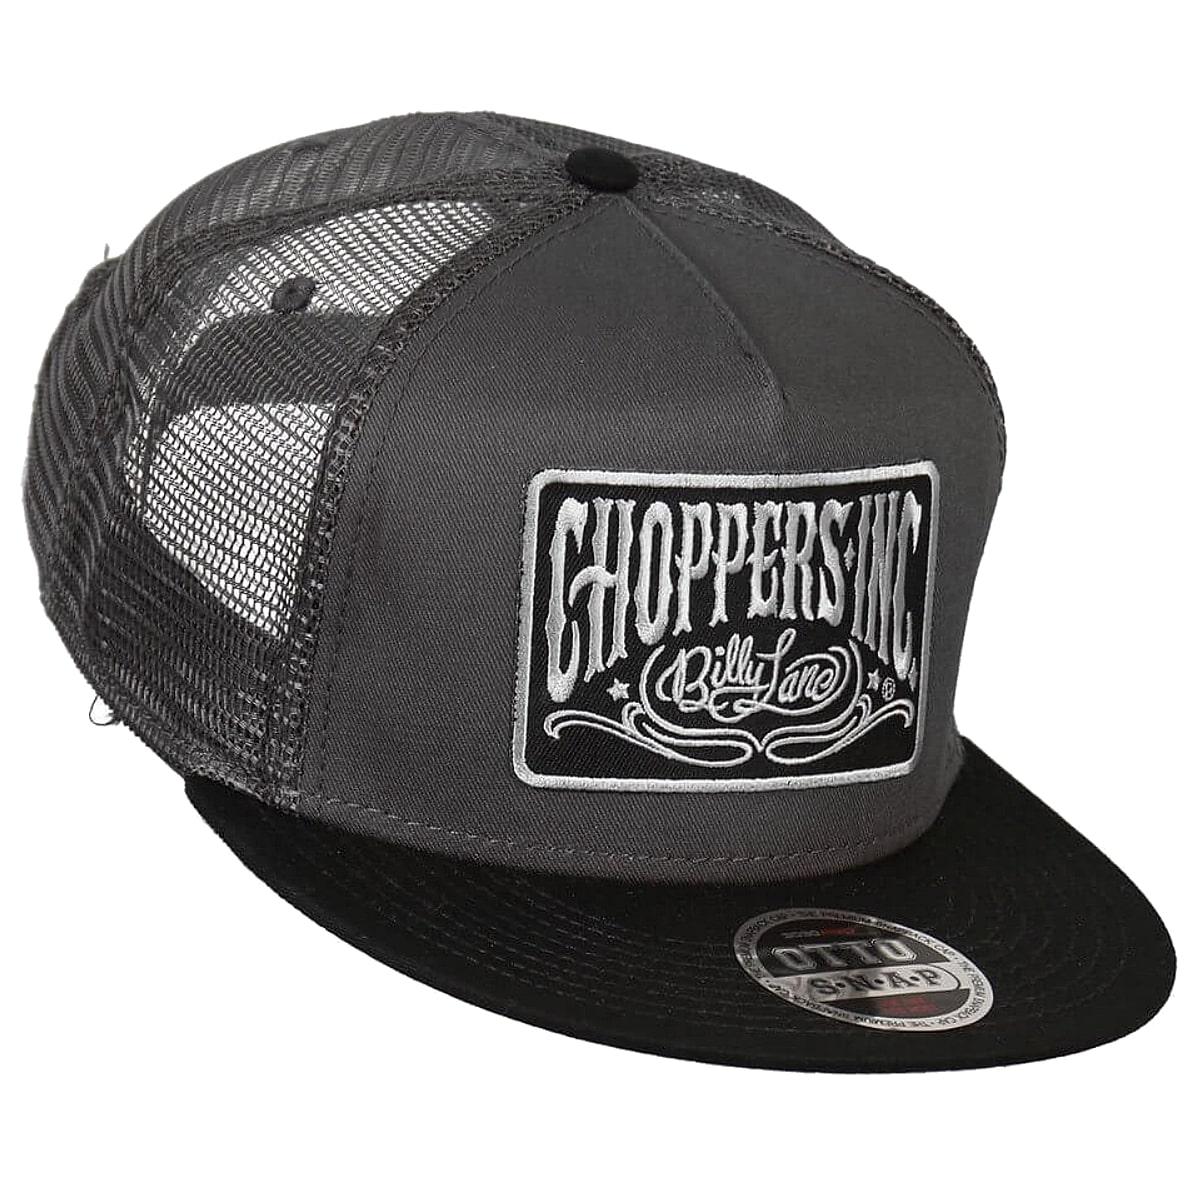 Choppers Inc Baseball Cap